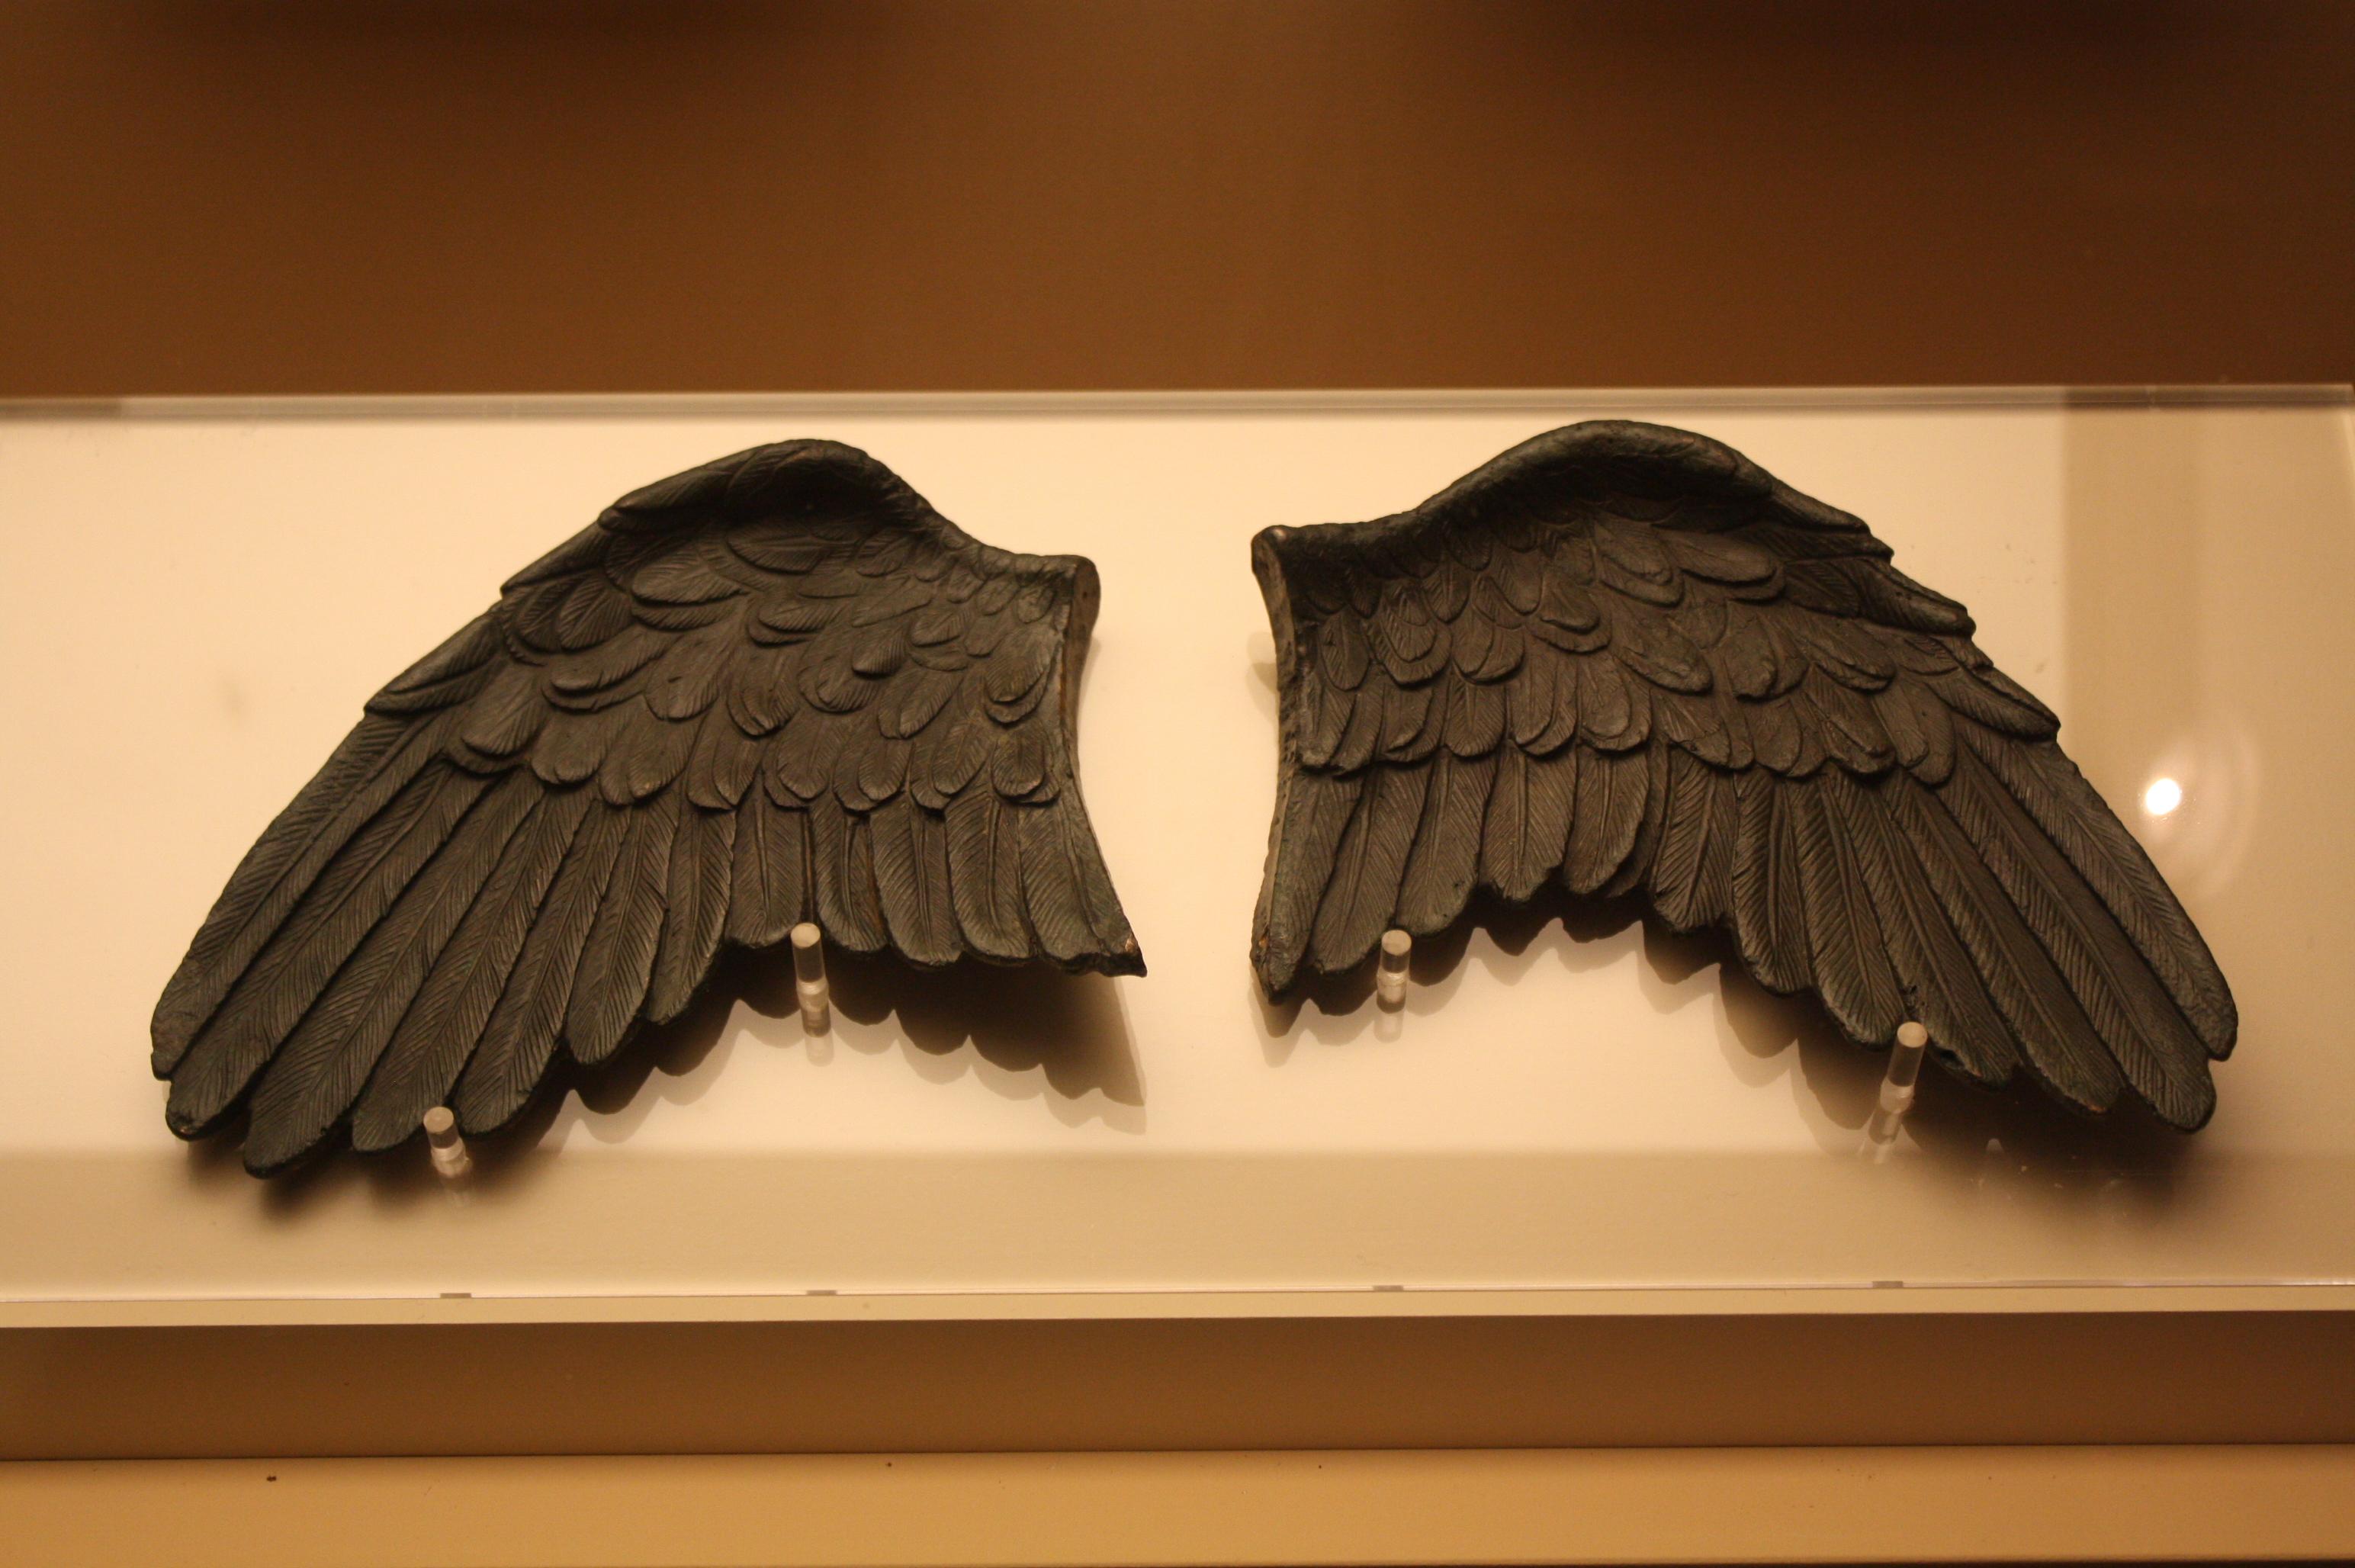 Ficheiro ourense escolma de escultura 02 10b s ba os de molgas i ii dc jpg wikipedia - Banos de molgas ourense ...